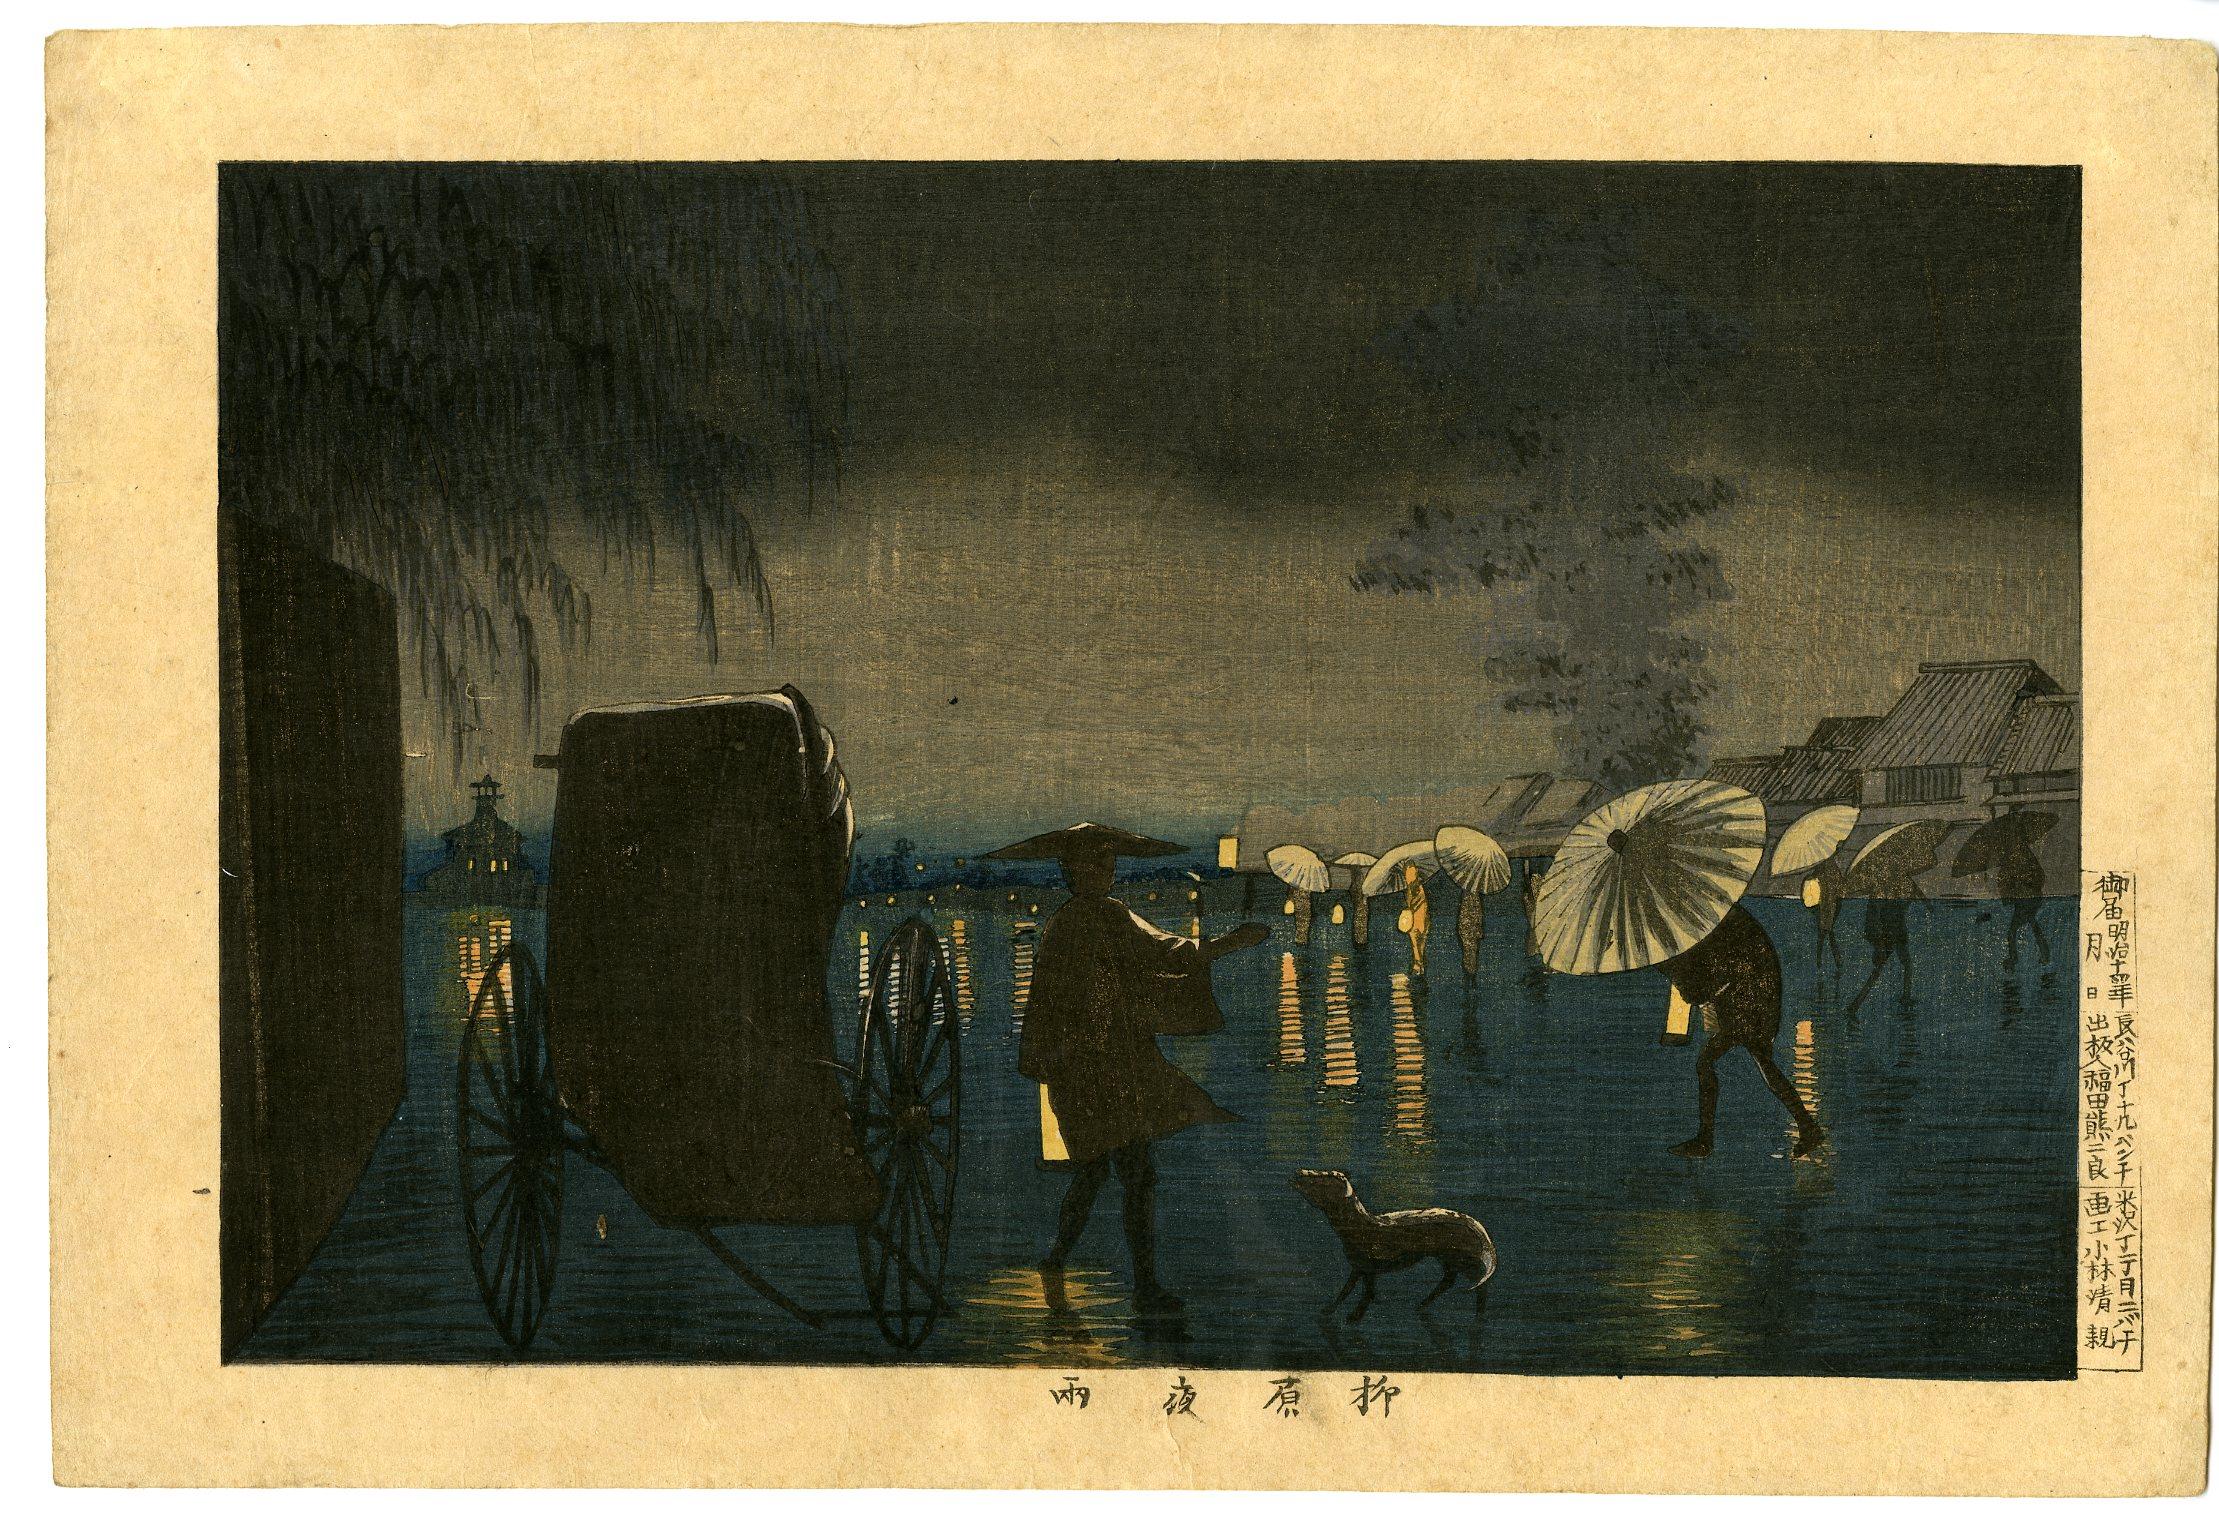 小林清親「柳原夜雨」